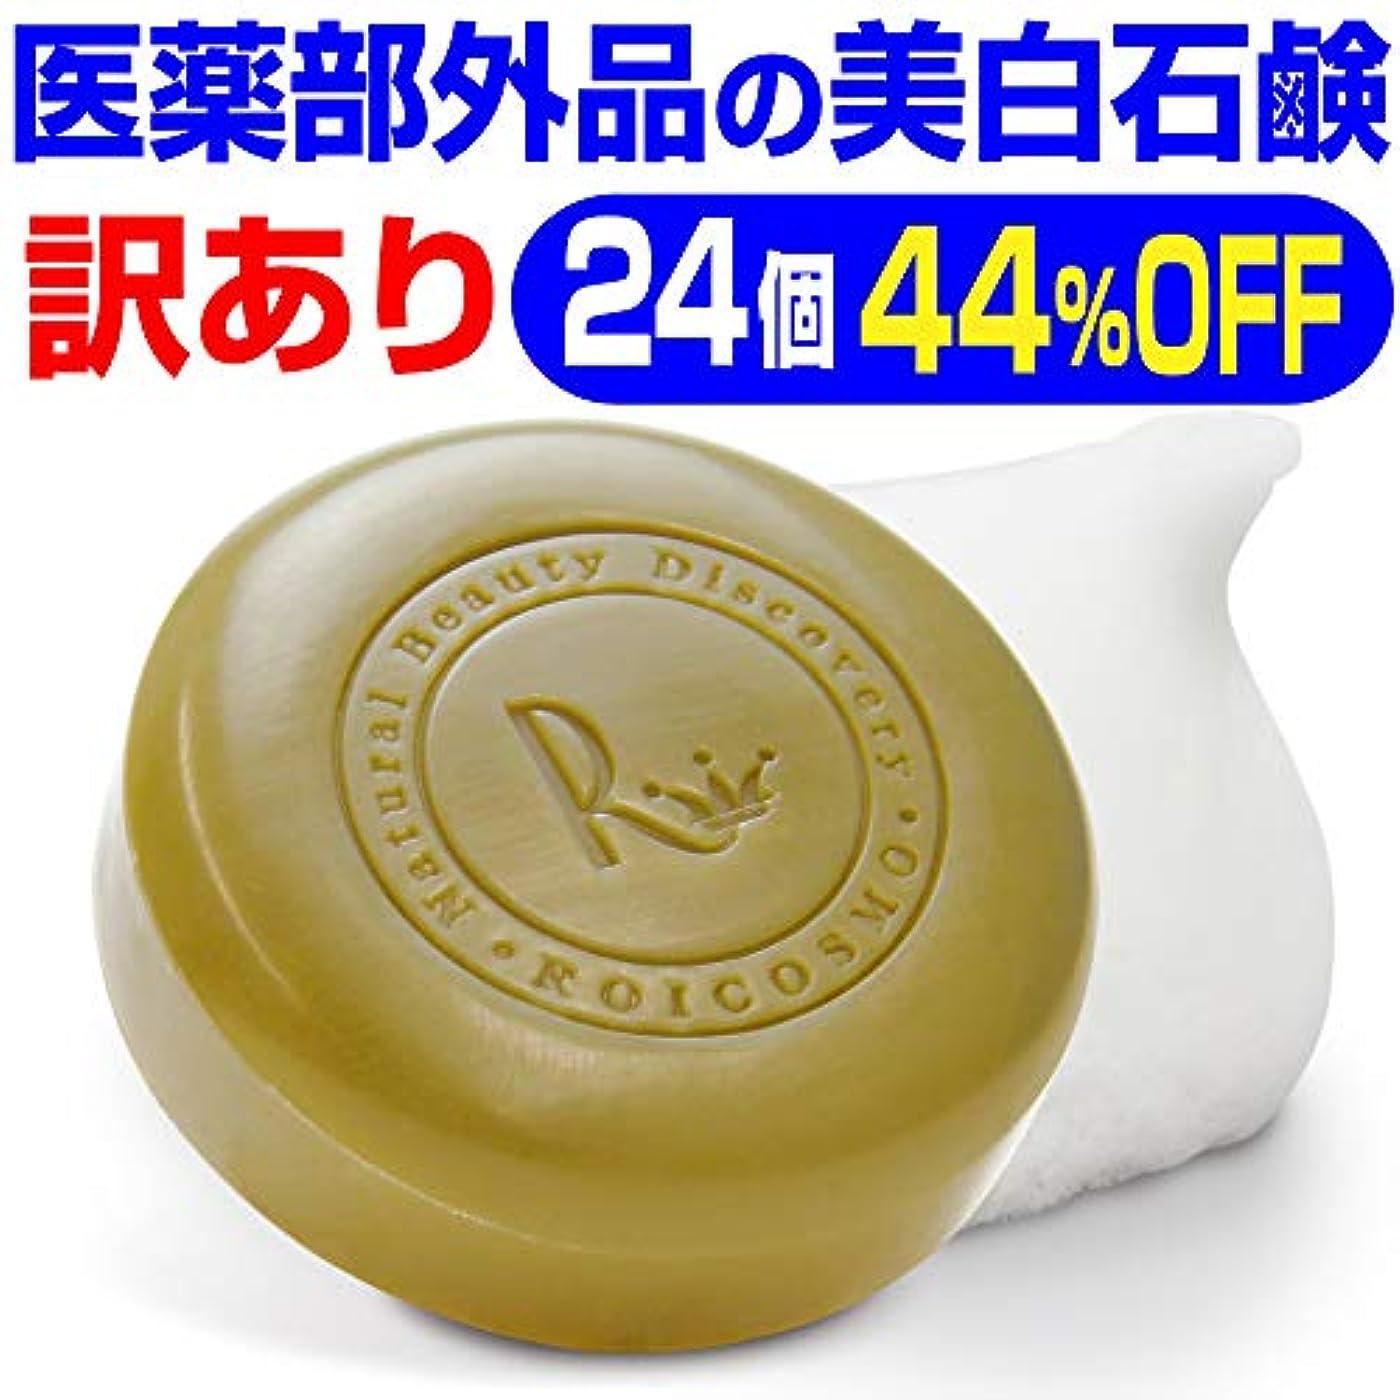 認証費やす怒っている訳あり44%OFF(1個2,143円)売切れ御免 ビタミンC270倍の美白成分の 洗顔石鹸『ホワイトソープ100g×24個』